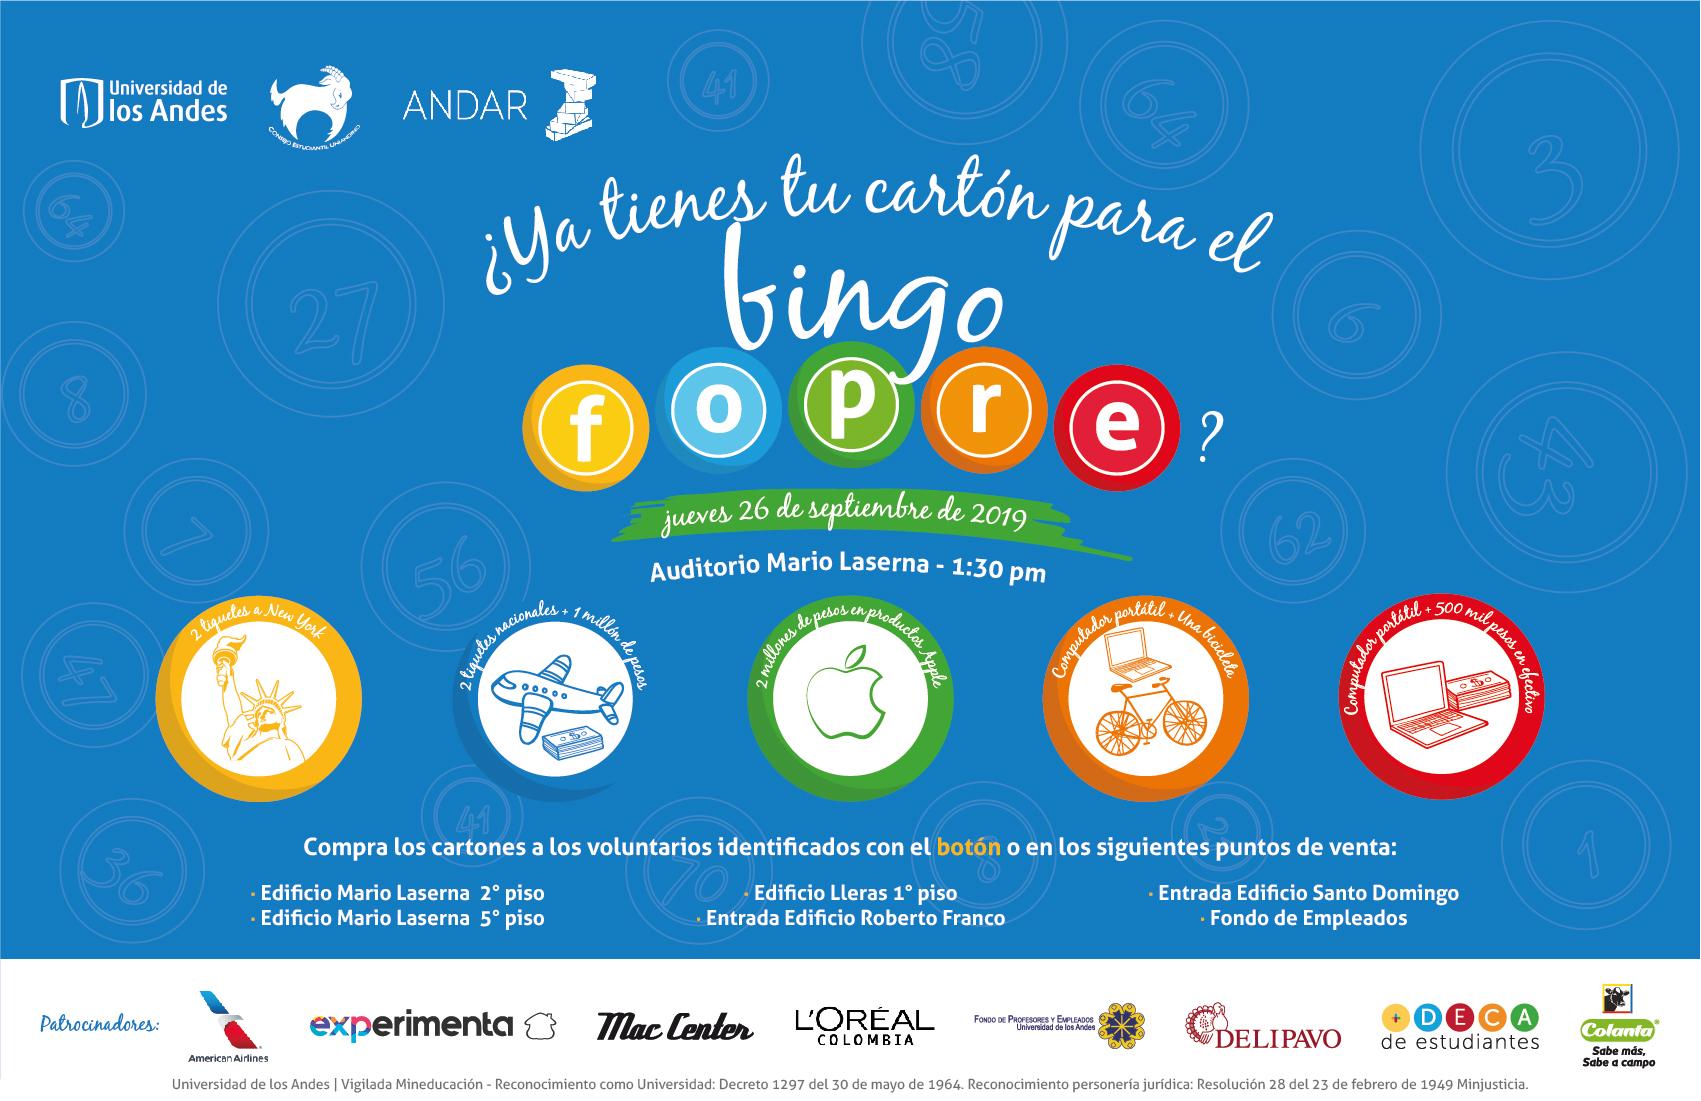 Bingo Fopre Universidad de los Andes